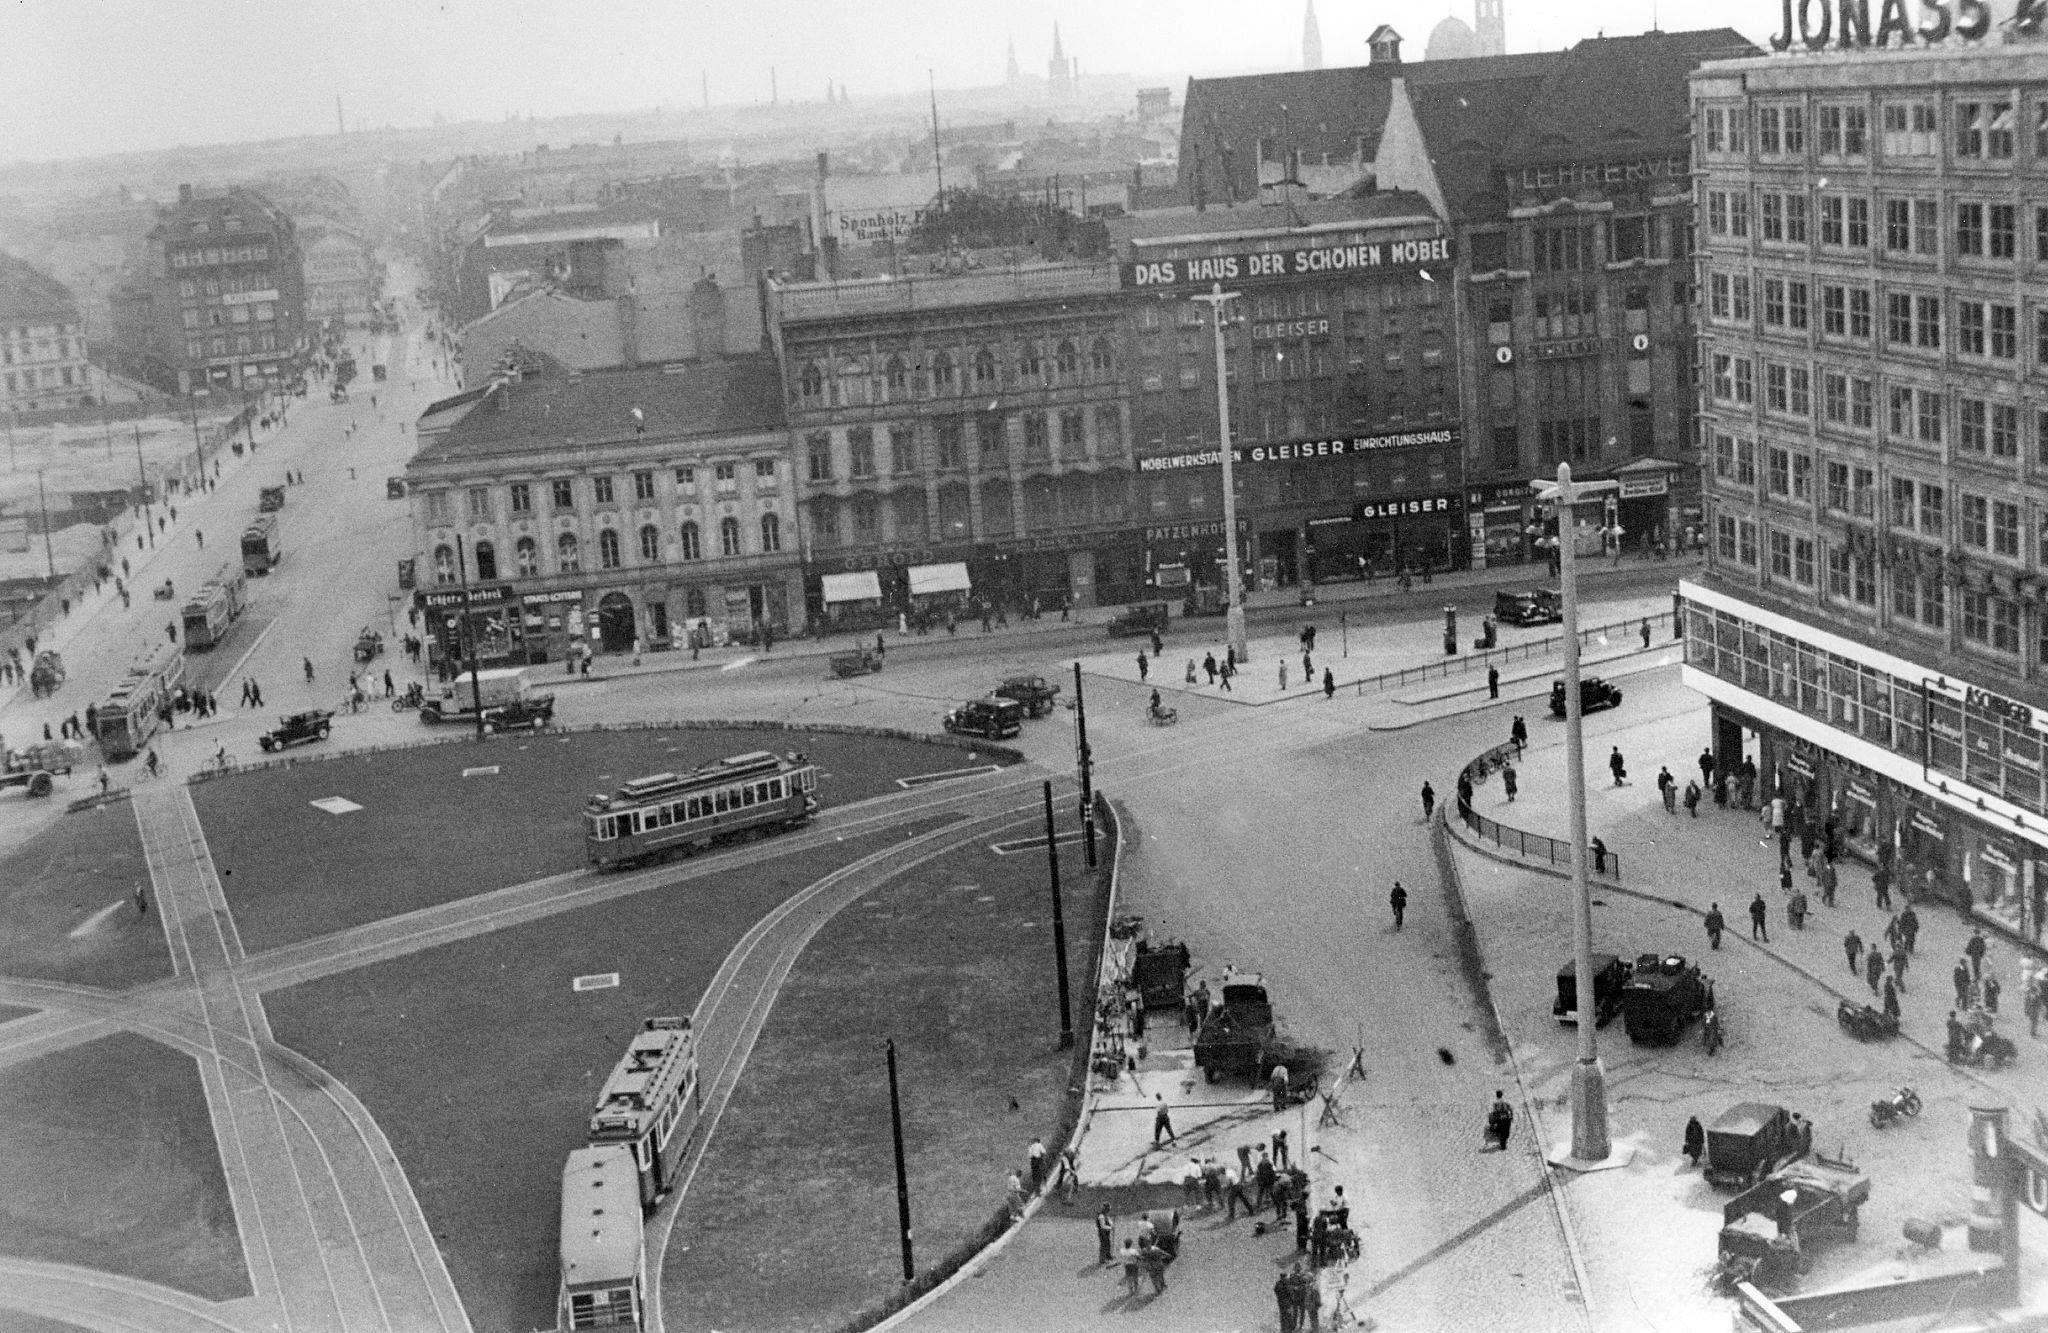 1935ca Berlin Der Neue Alexanderplatz Mit Alexanderhaus Burohaus Links Blick In Die Landsberger Strasse Rechts Zweigt Die Alexan In 2020 Street View Street Landmarks